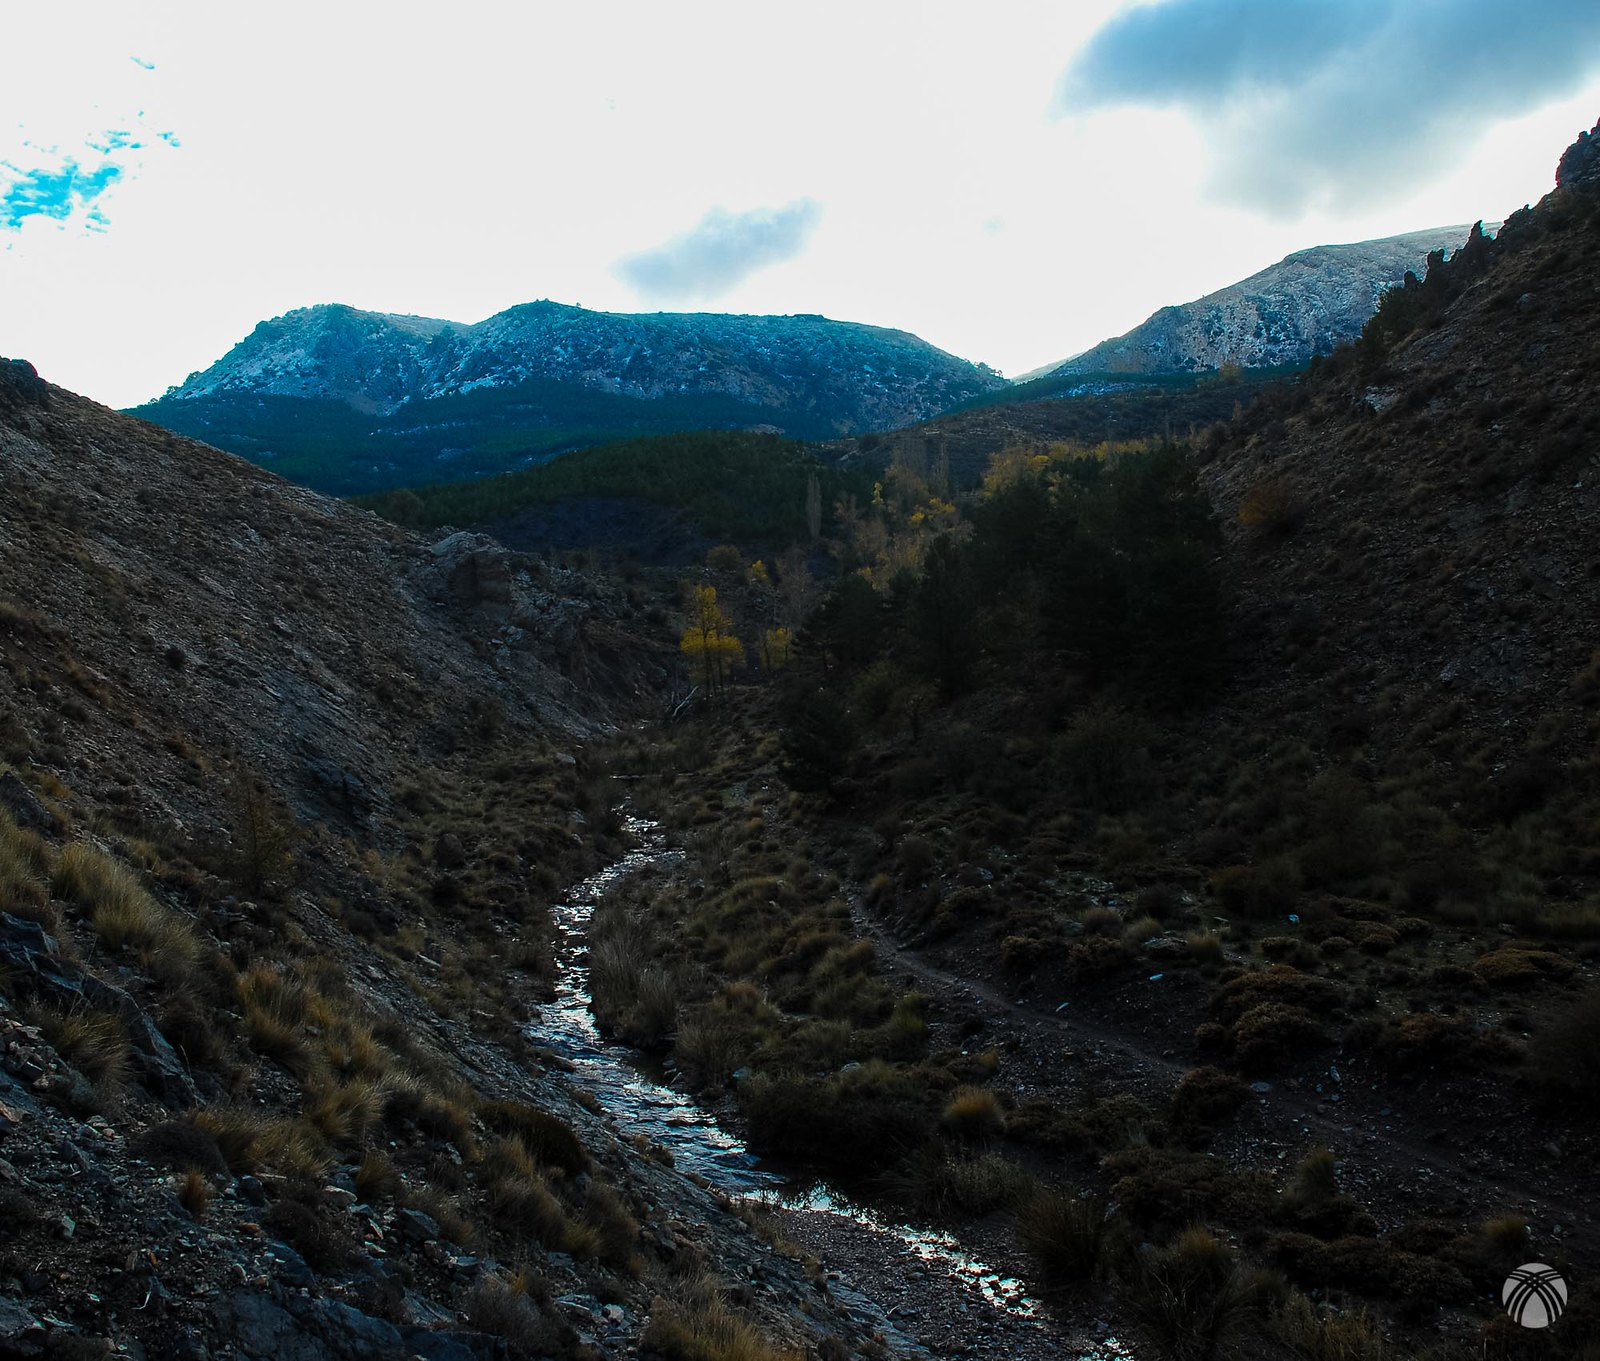 Curso superior del río Gor. Arriba el Calar de Rapa